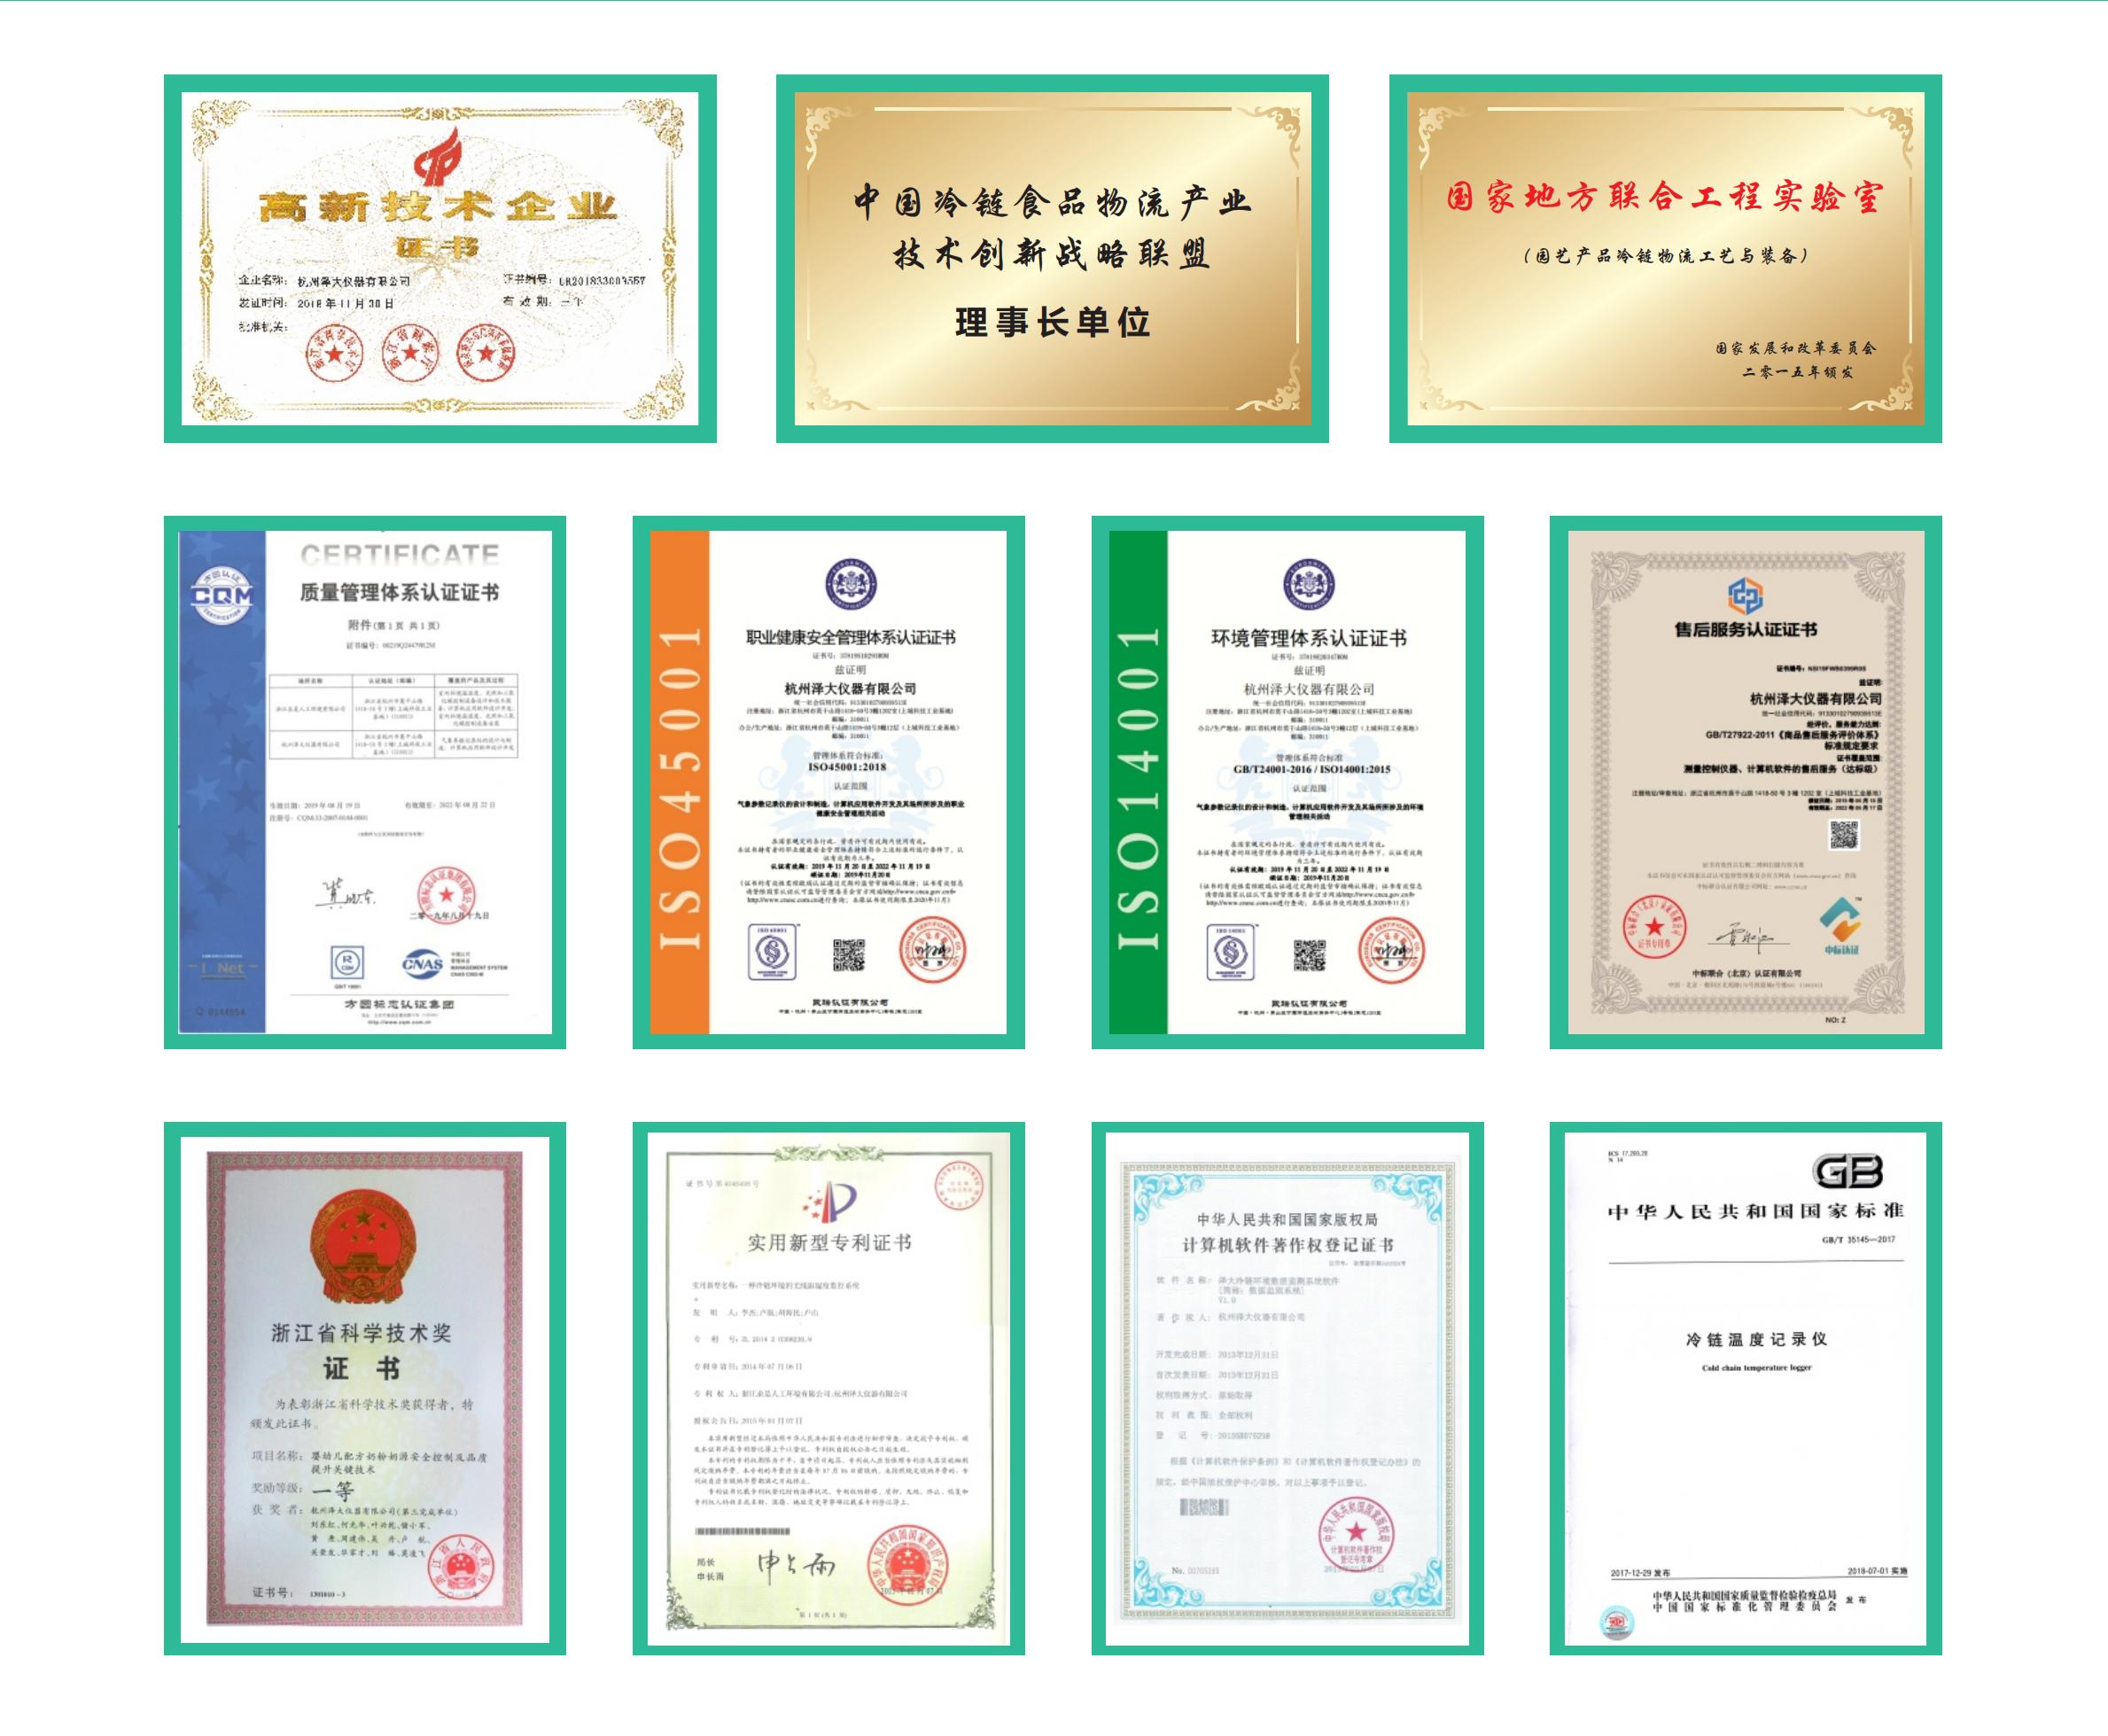 20200624-農產品倉儲保鮮冷鏈信息采集系統宣傳冊_02.png